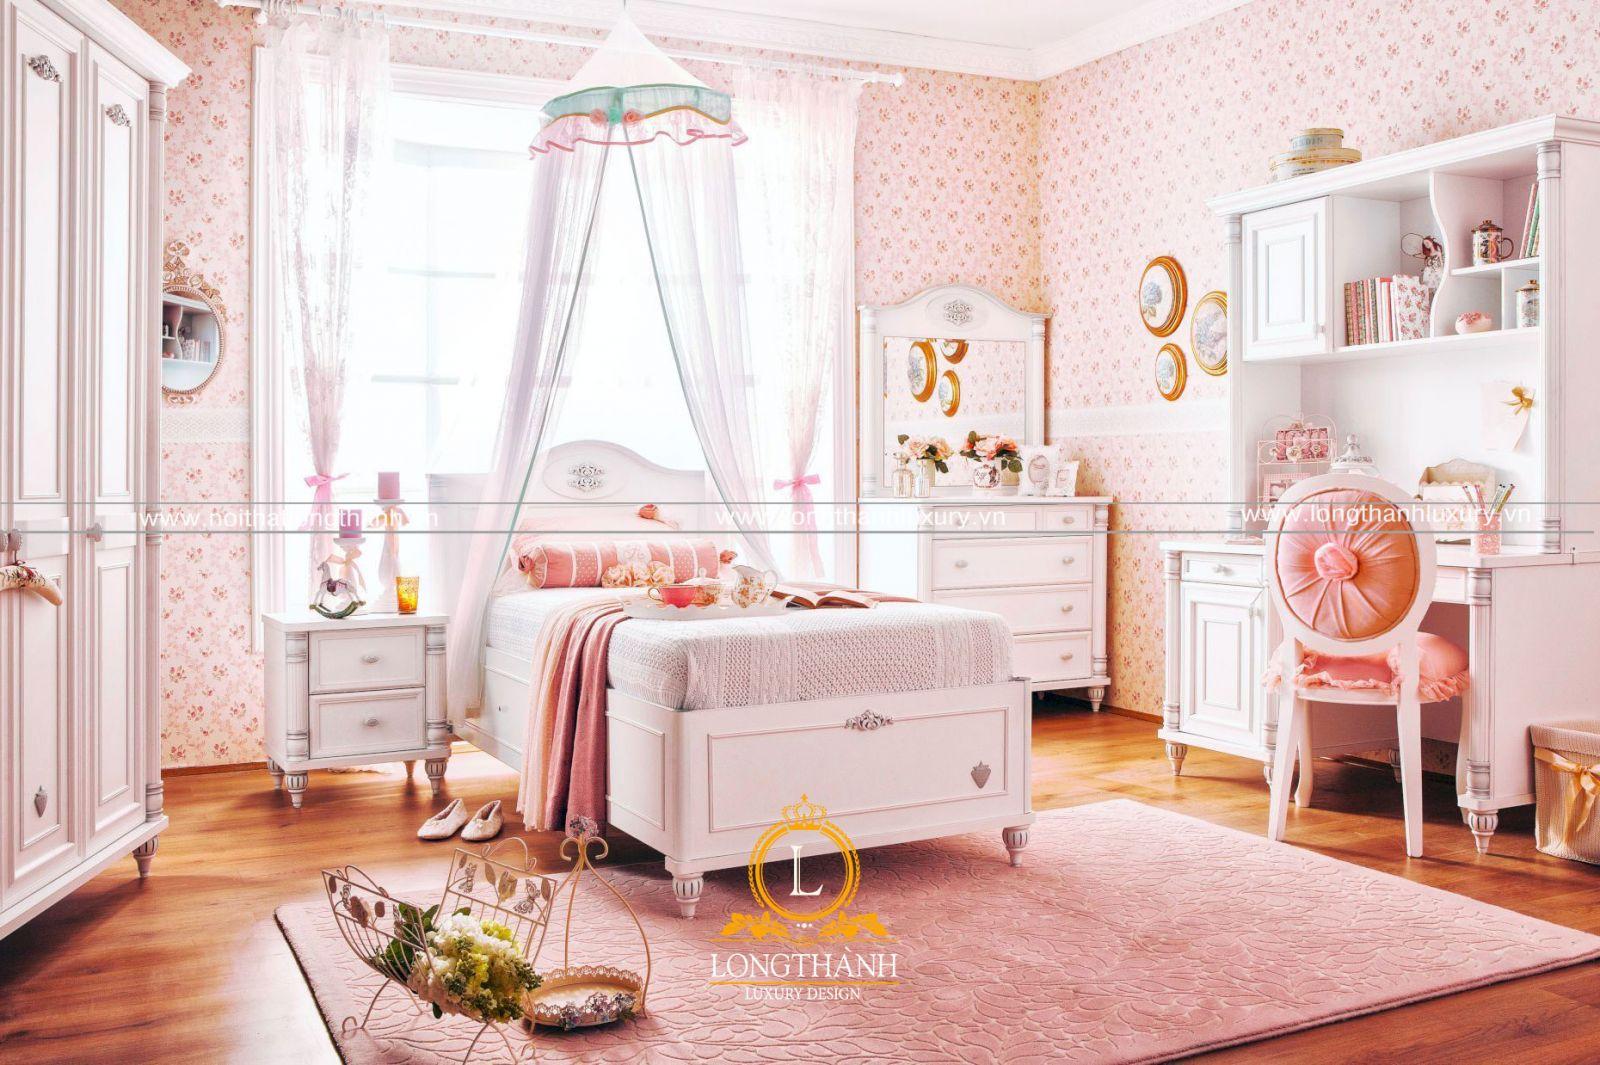 Thiết kế phòng ngủ cho con gái với sắc hồng tuyệt đẹp